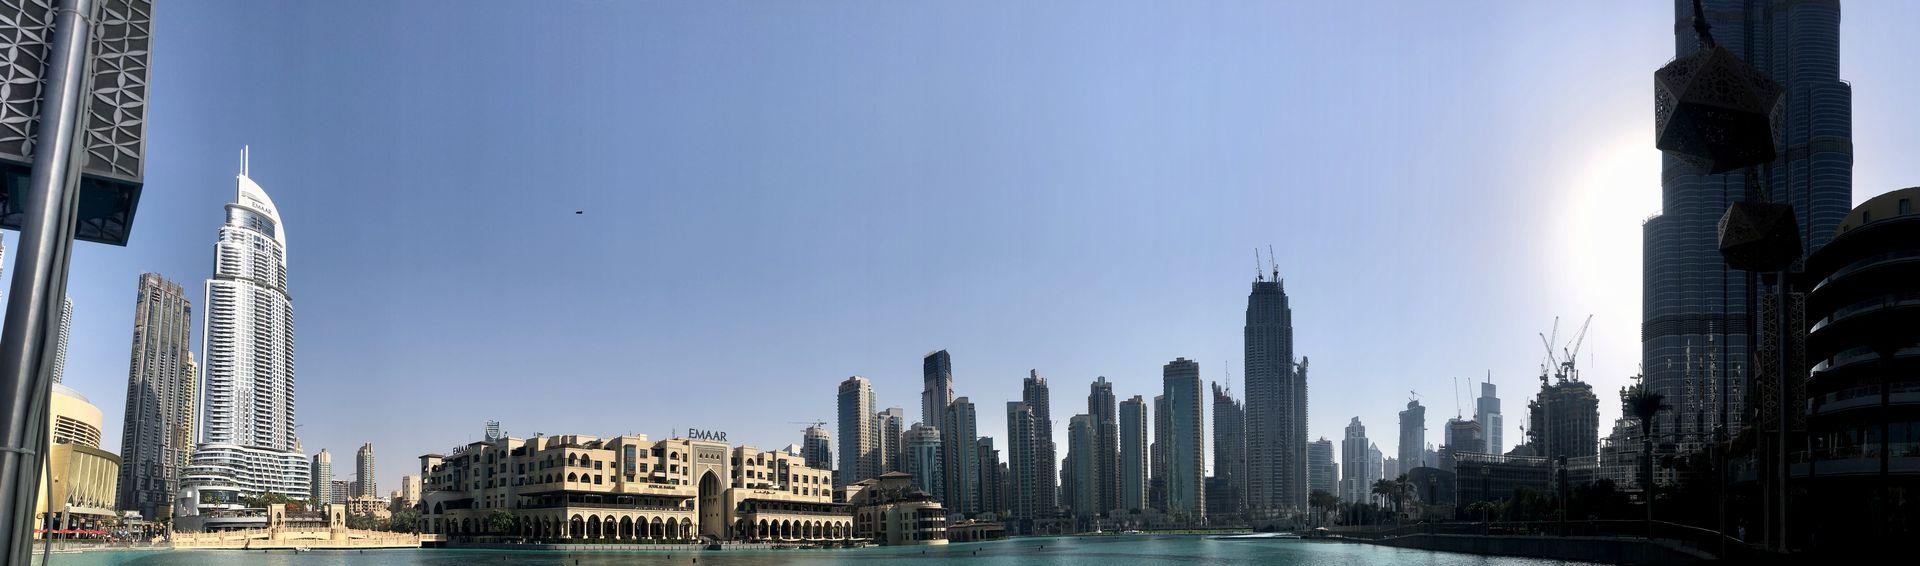 Im Schatten des Burj Khalifa ist ein komplett neues Stadtviertel entstanden: Dubai Downtown.